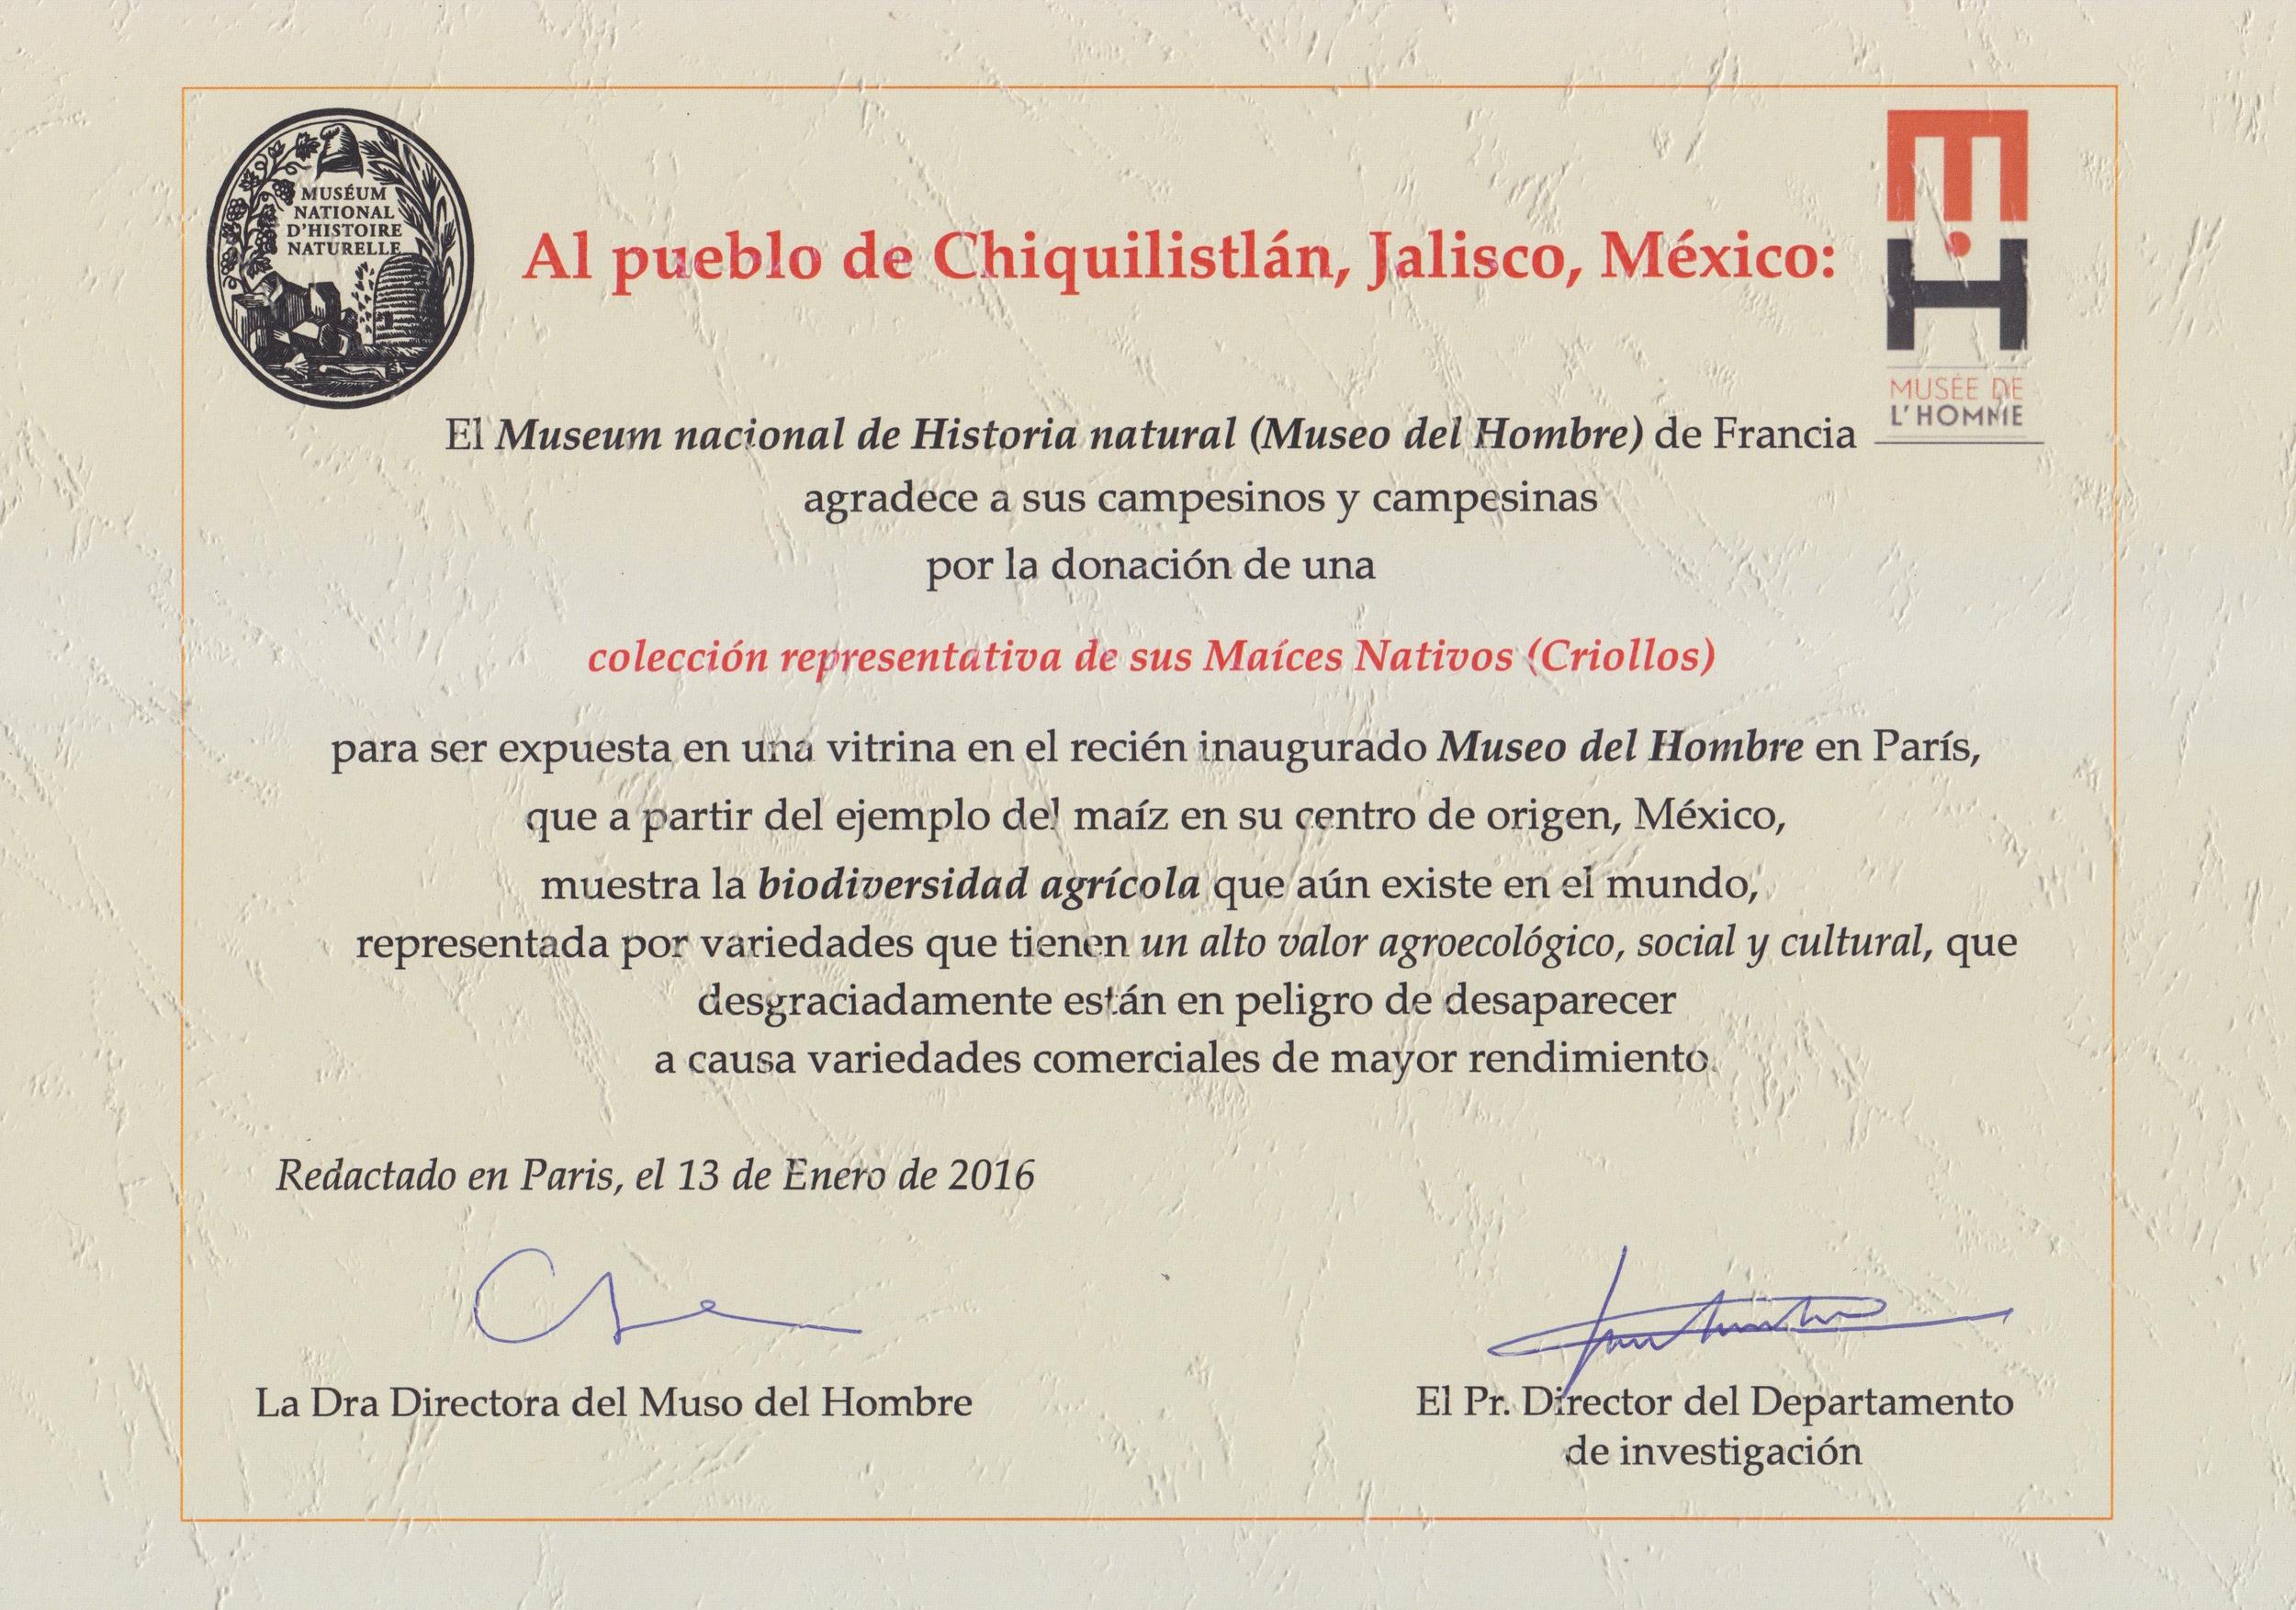 Agradecimiento del Museo del Hombre al Pueblo de Chiquilistlán, por la donación de sus maíces nativos para la exposción.